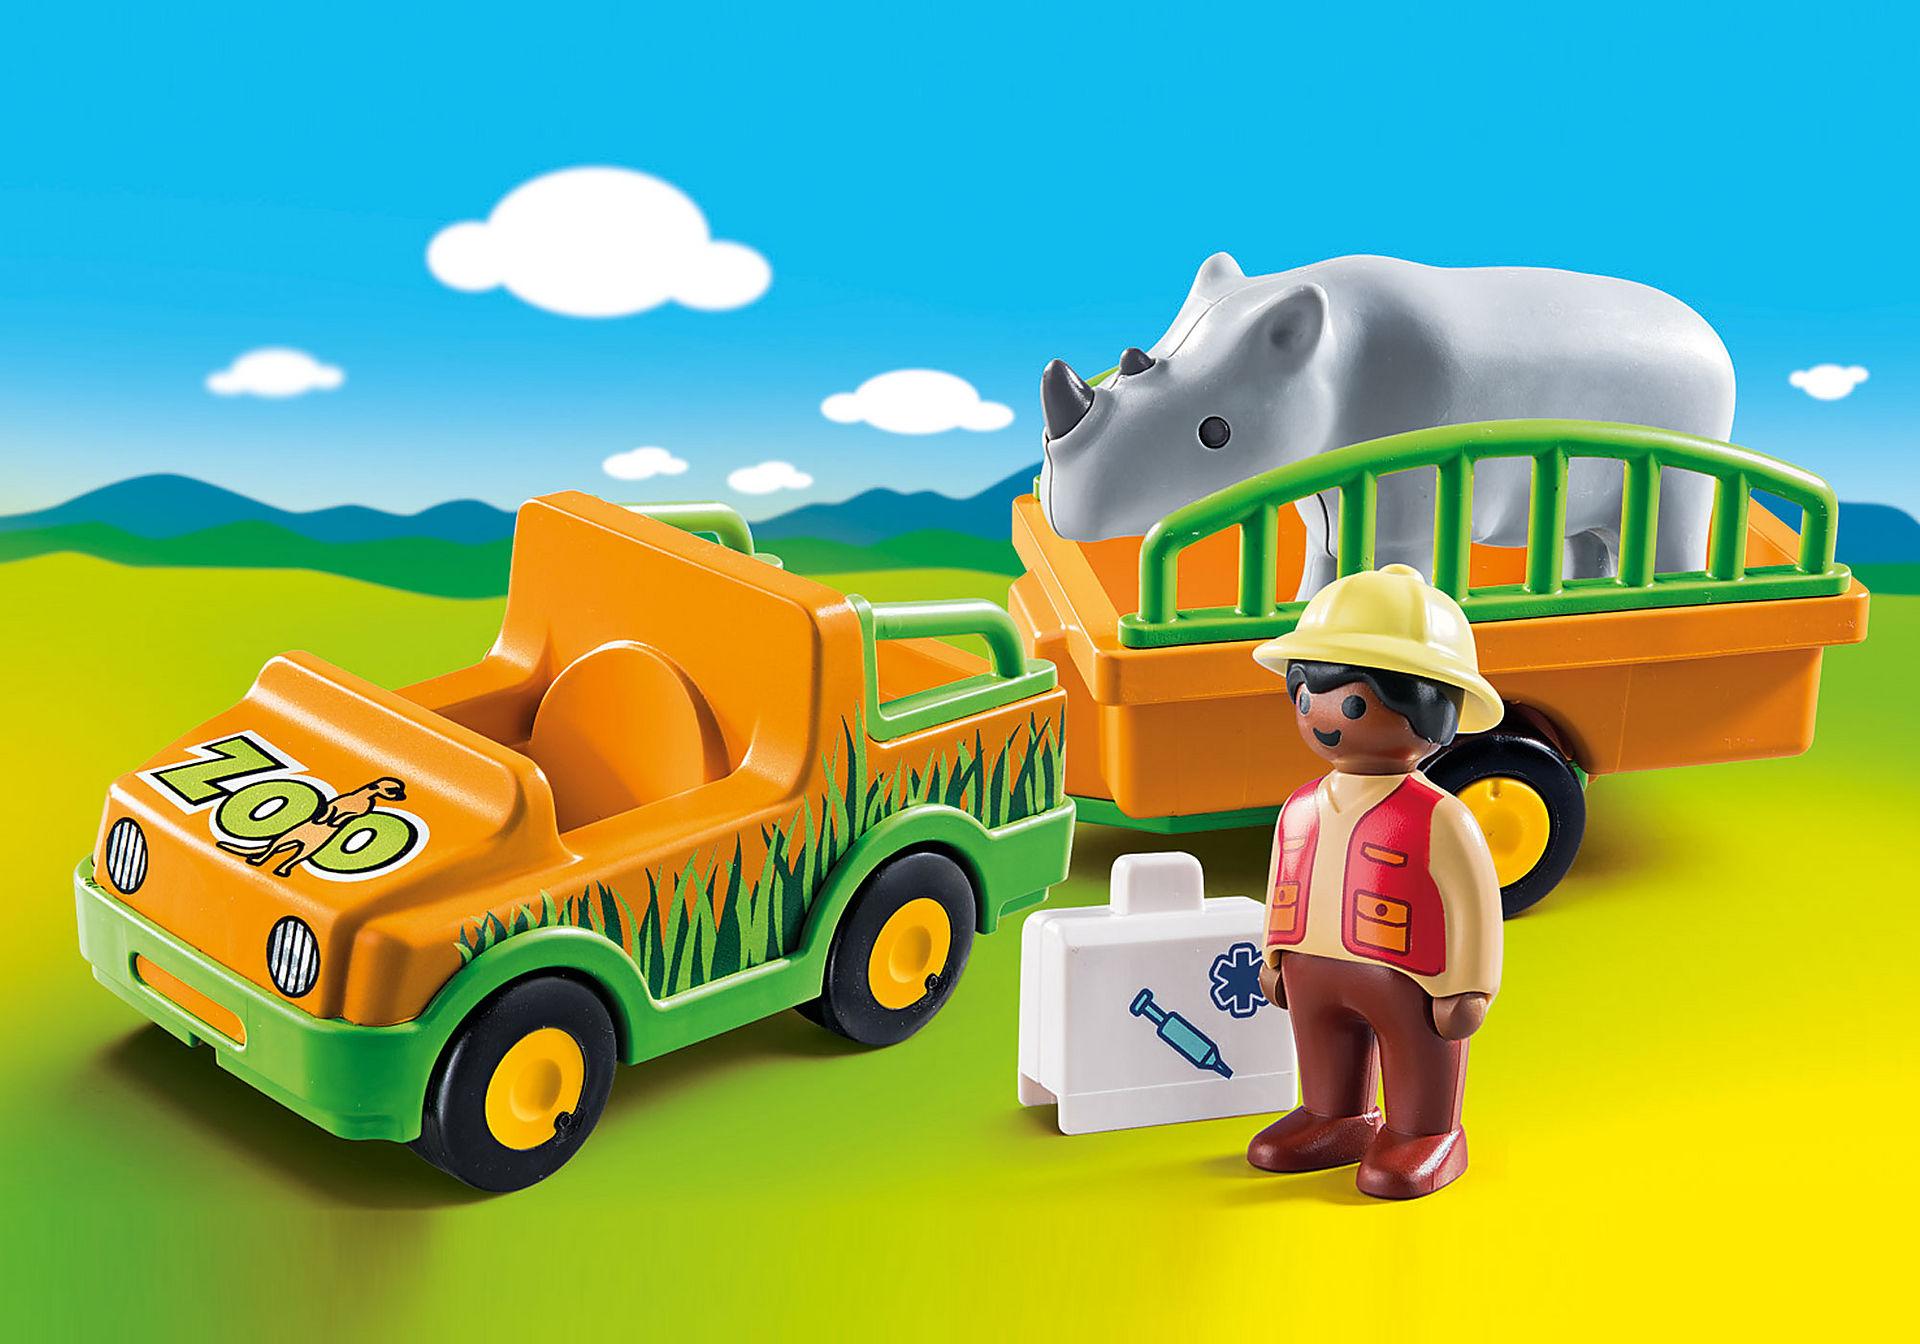 70182 1.2.3 Vehículo del Zoo con Rinoceronte zoom image1